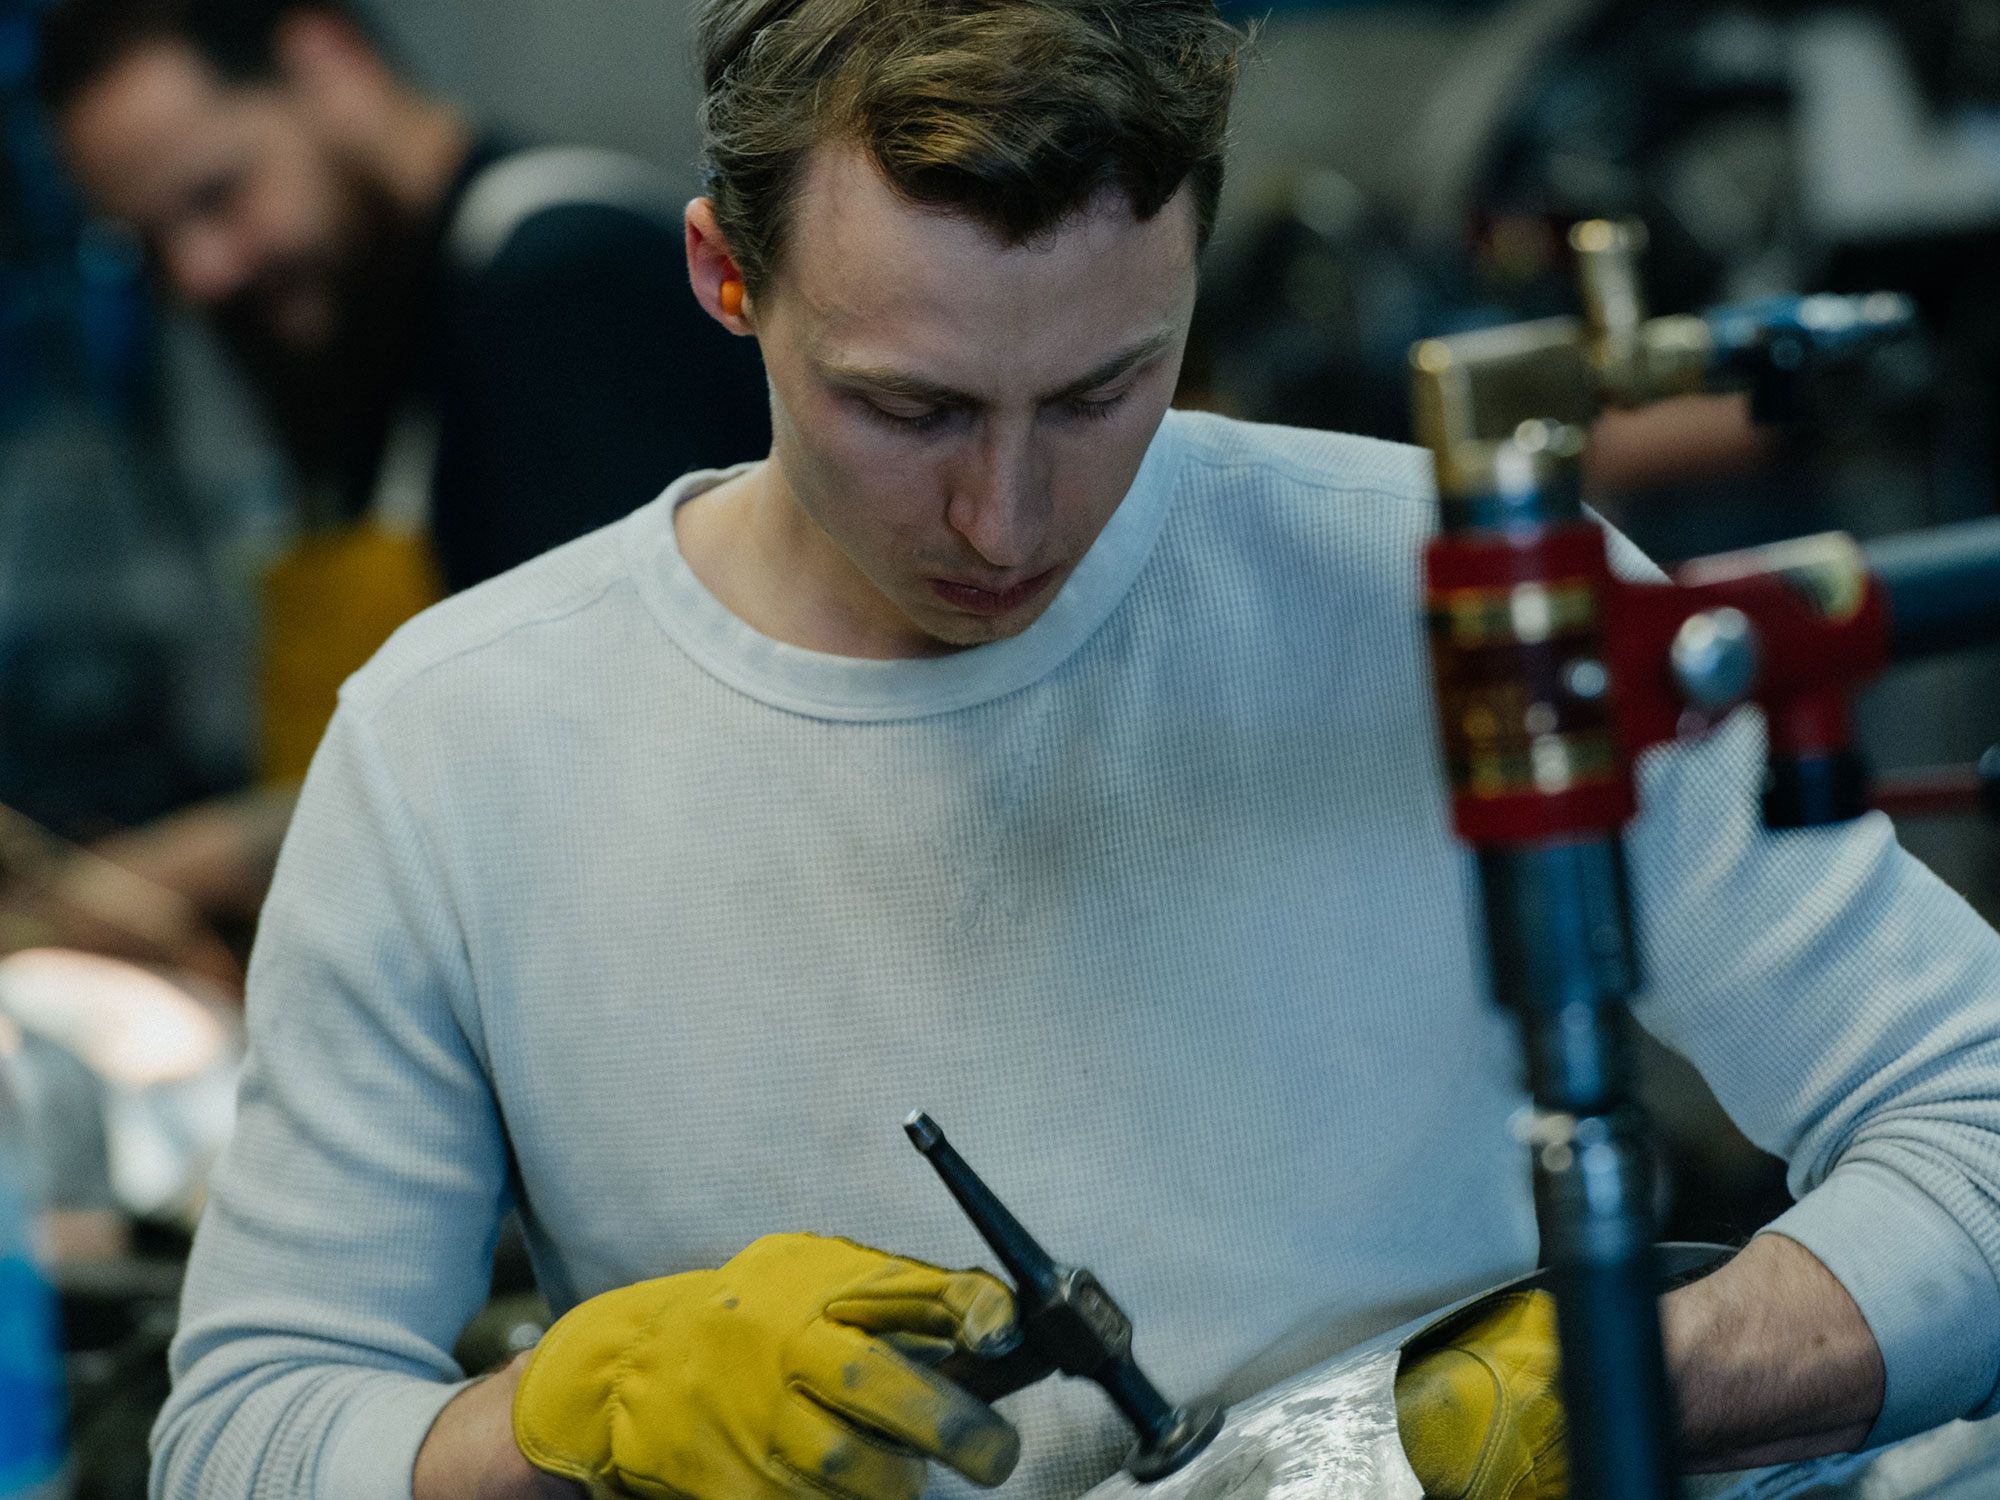 Met een ruw metalen carrosserie is er geen Bondo om fouten te verbergen.  Hier doet Donovan wat fine-tuning met een hamer, waardoor alle vormen glad en precies goed worden.